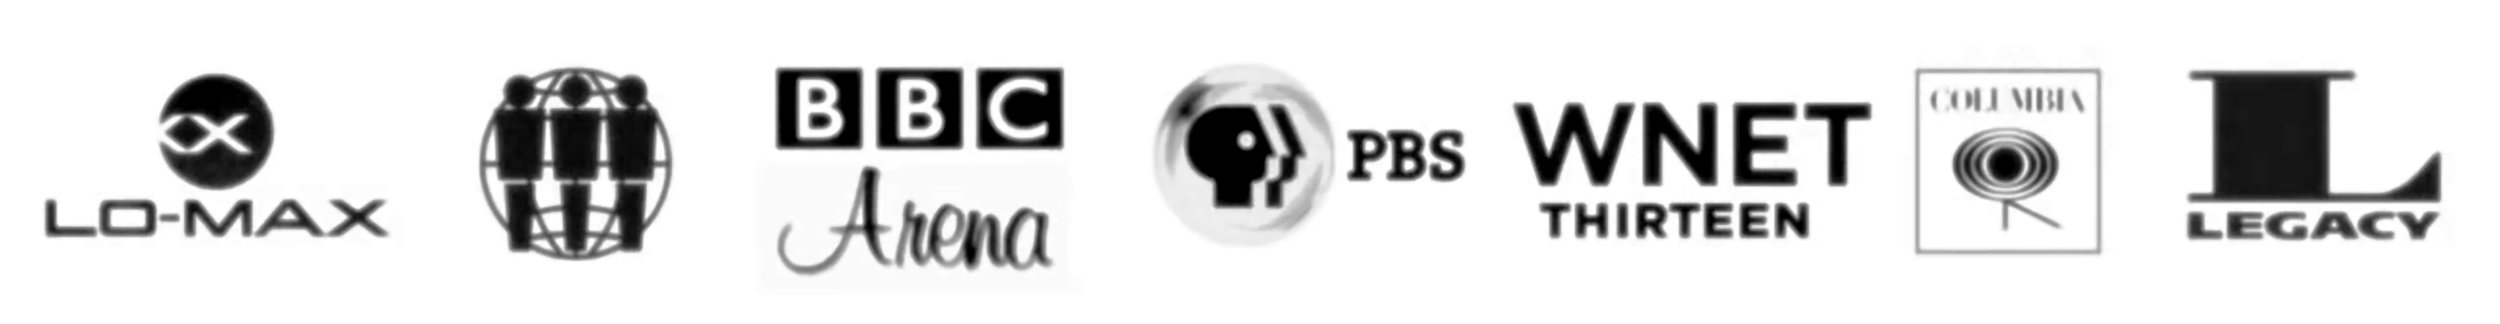 Logos for site.jpg